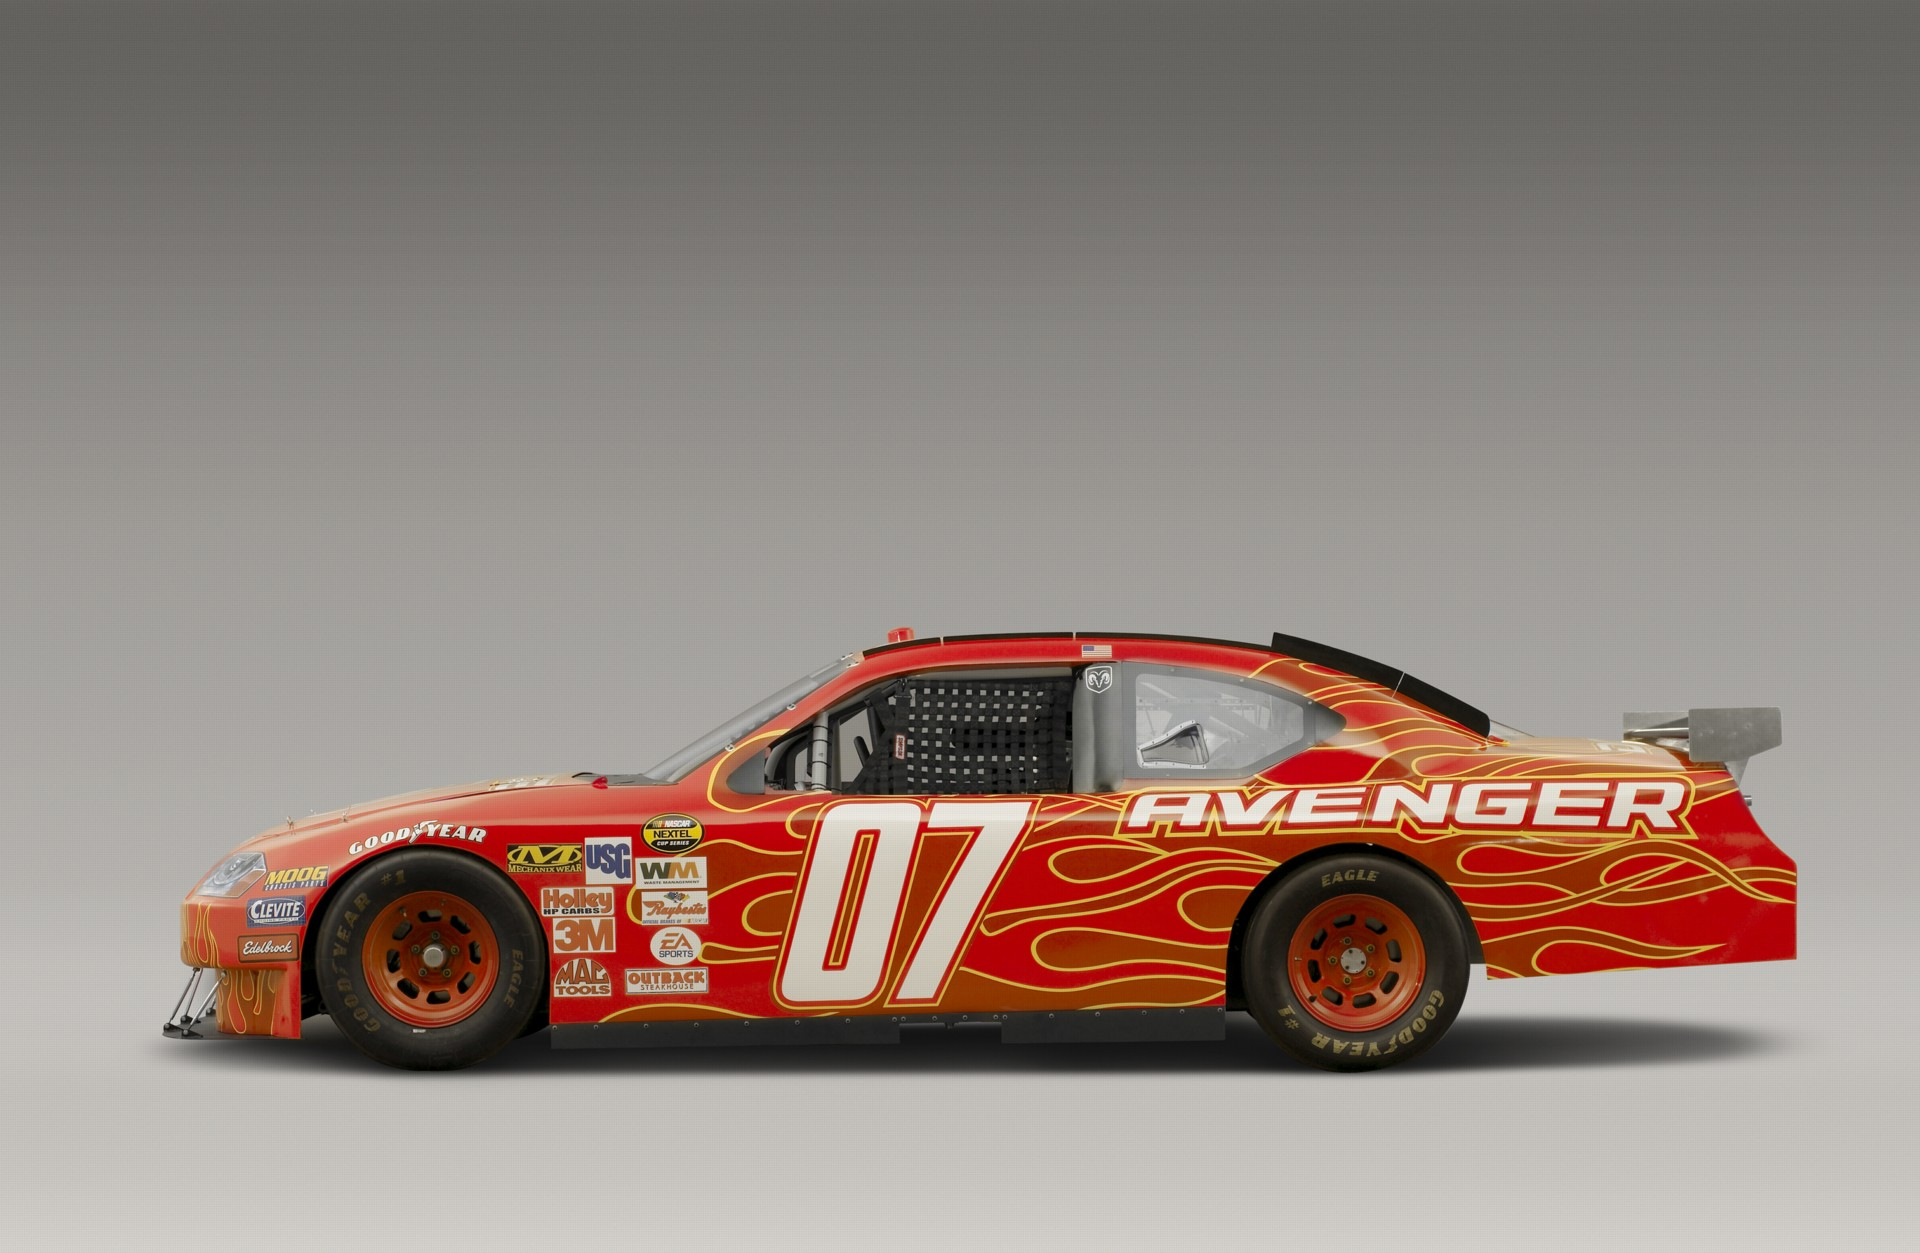 2007 Dodge Avenger NASCAR   conceptcarz.com